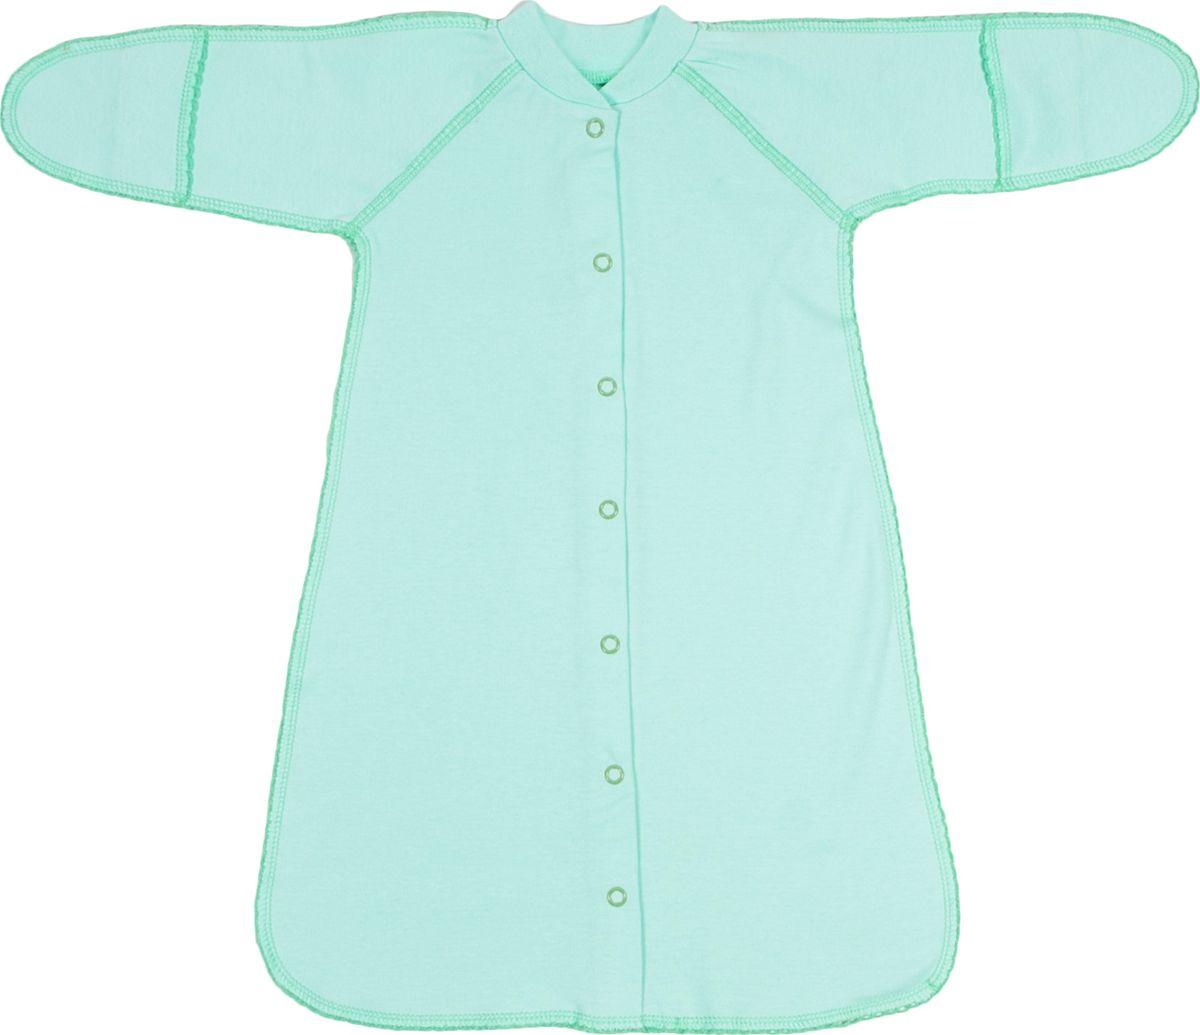 Спальный мешок для новорожденных Клякса, цвет: зеленый. 37-528. Размер 56 Клякса